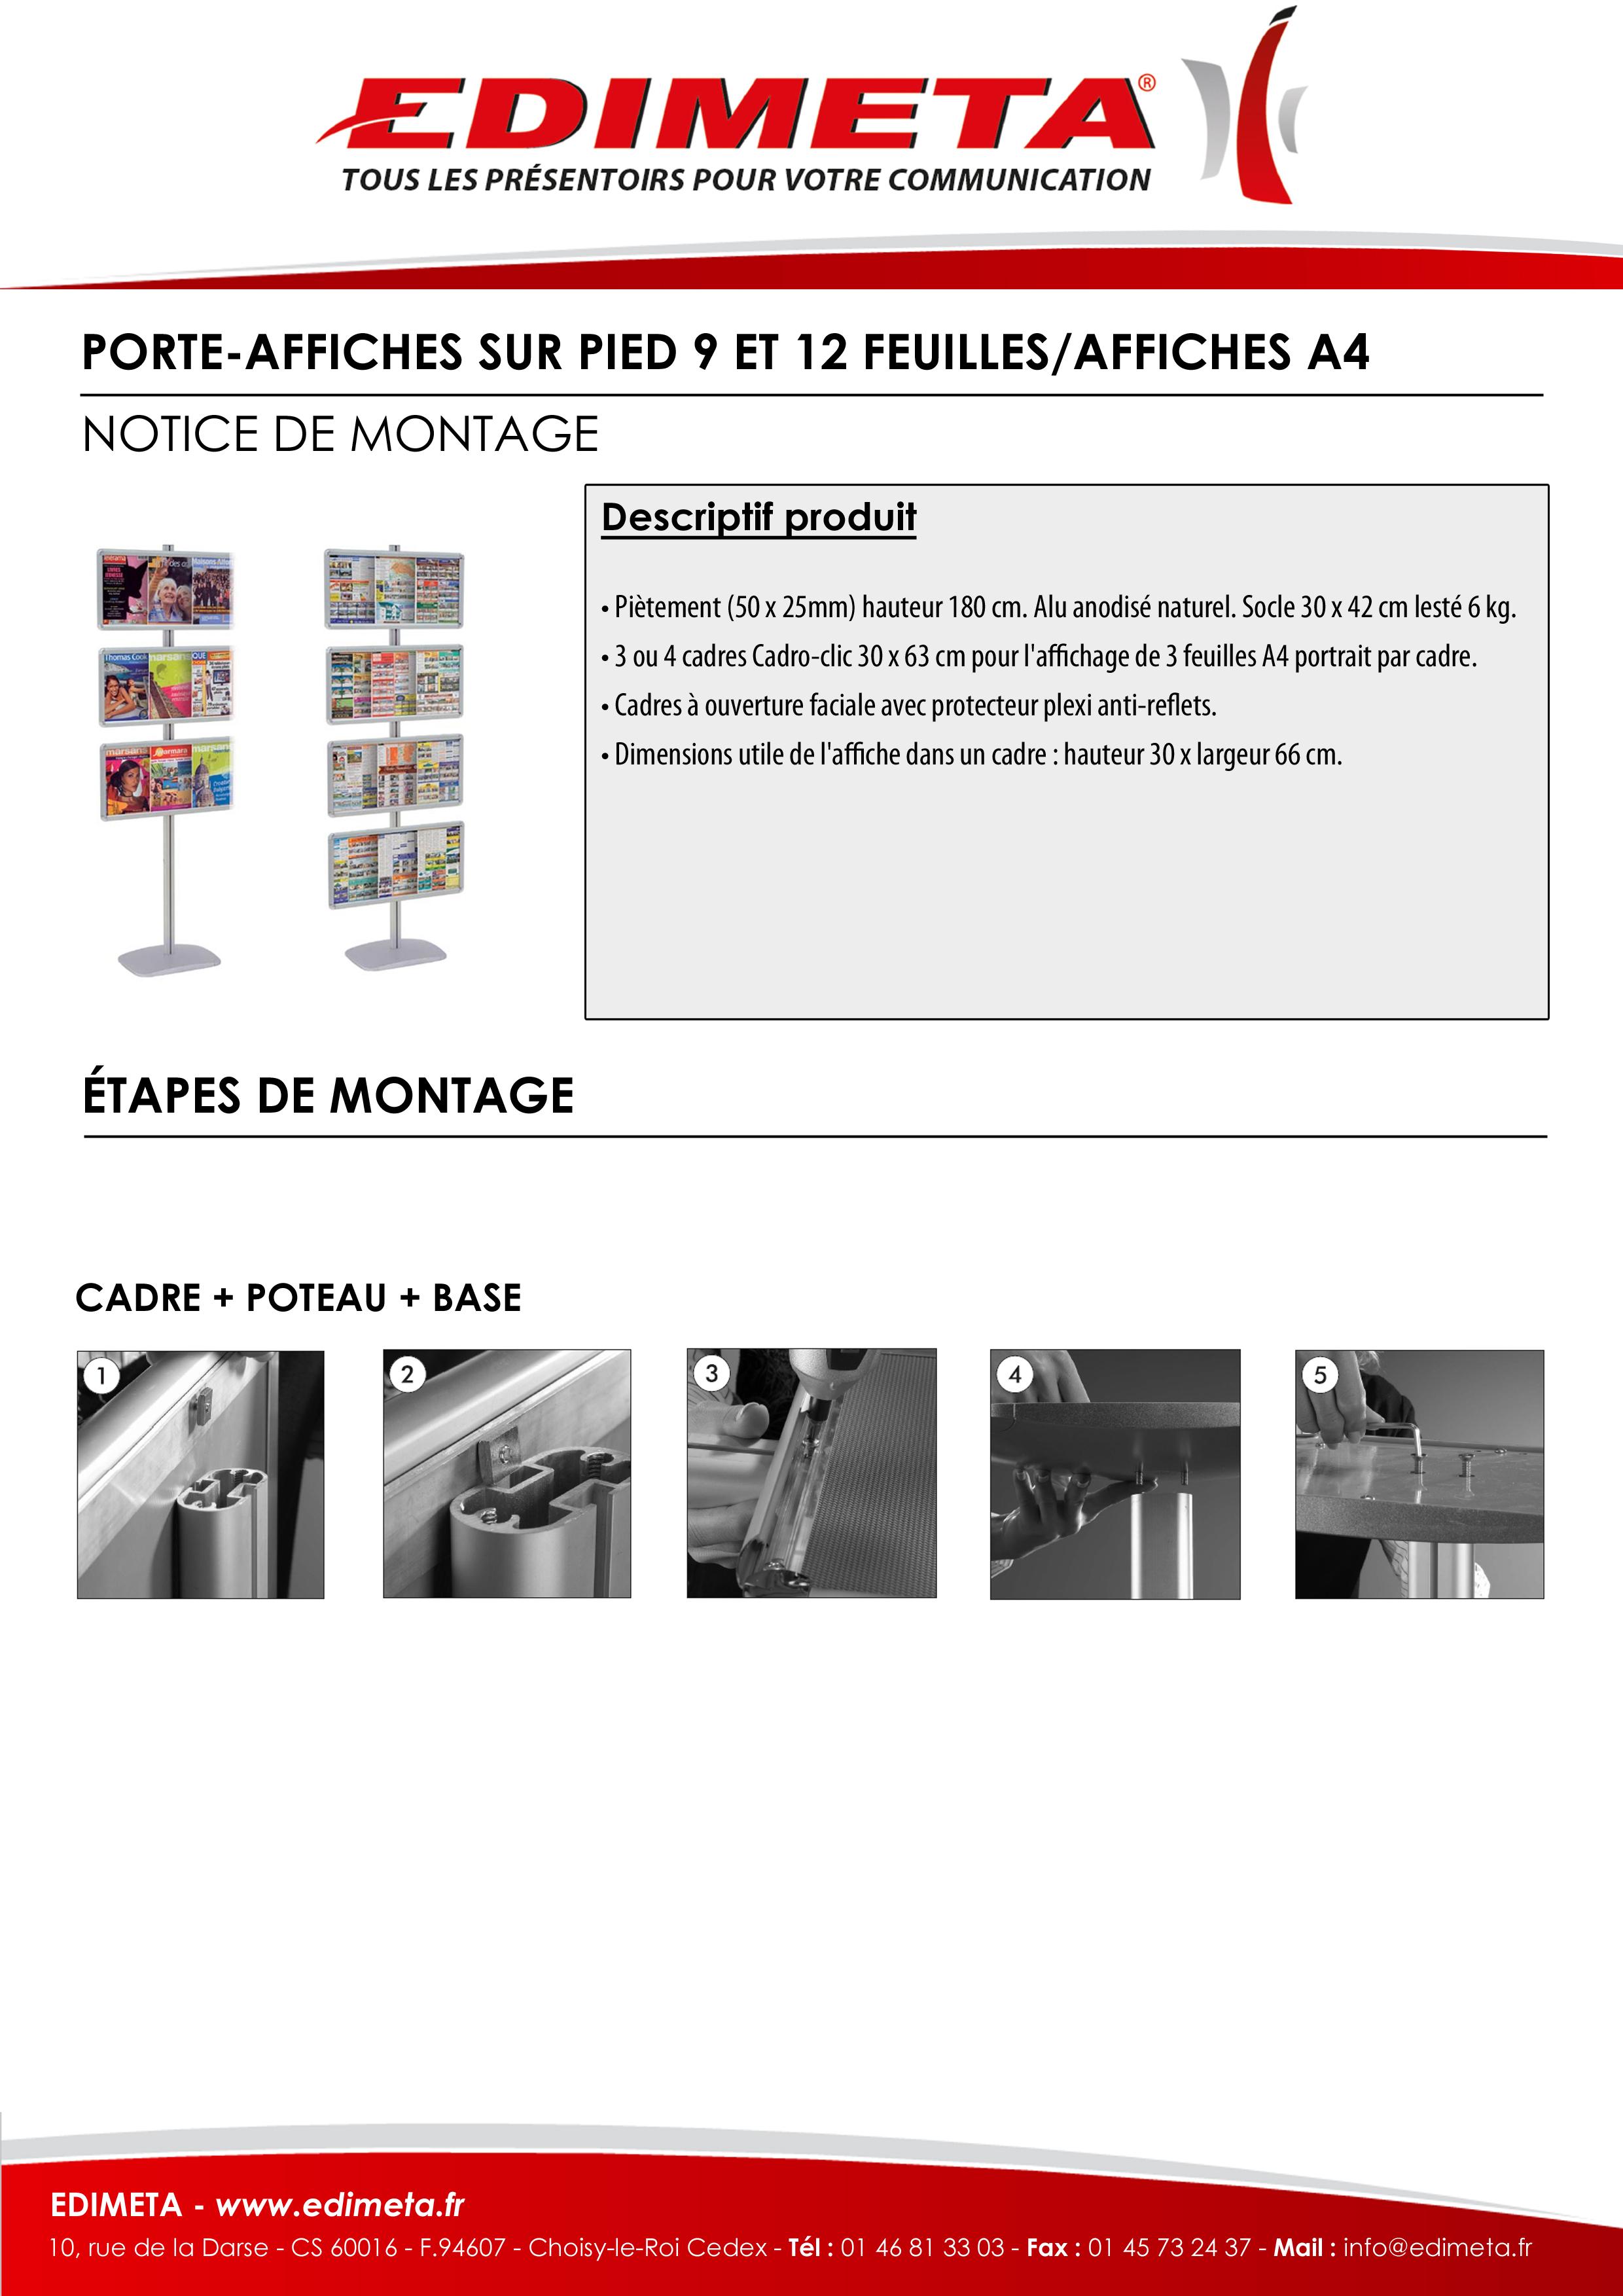 NOTICE DE MONTAGE : PORTE-AFFICHES SUR PIED 9 ET 12 FEUILLES/AFFICHES A4